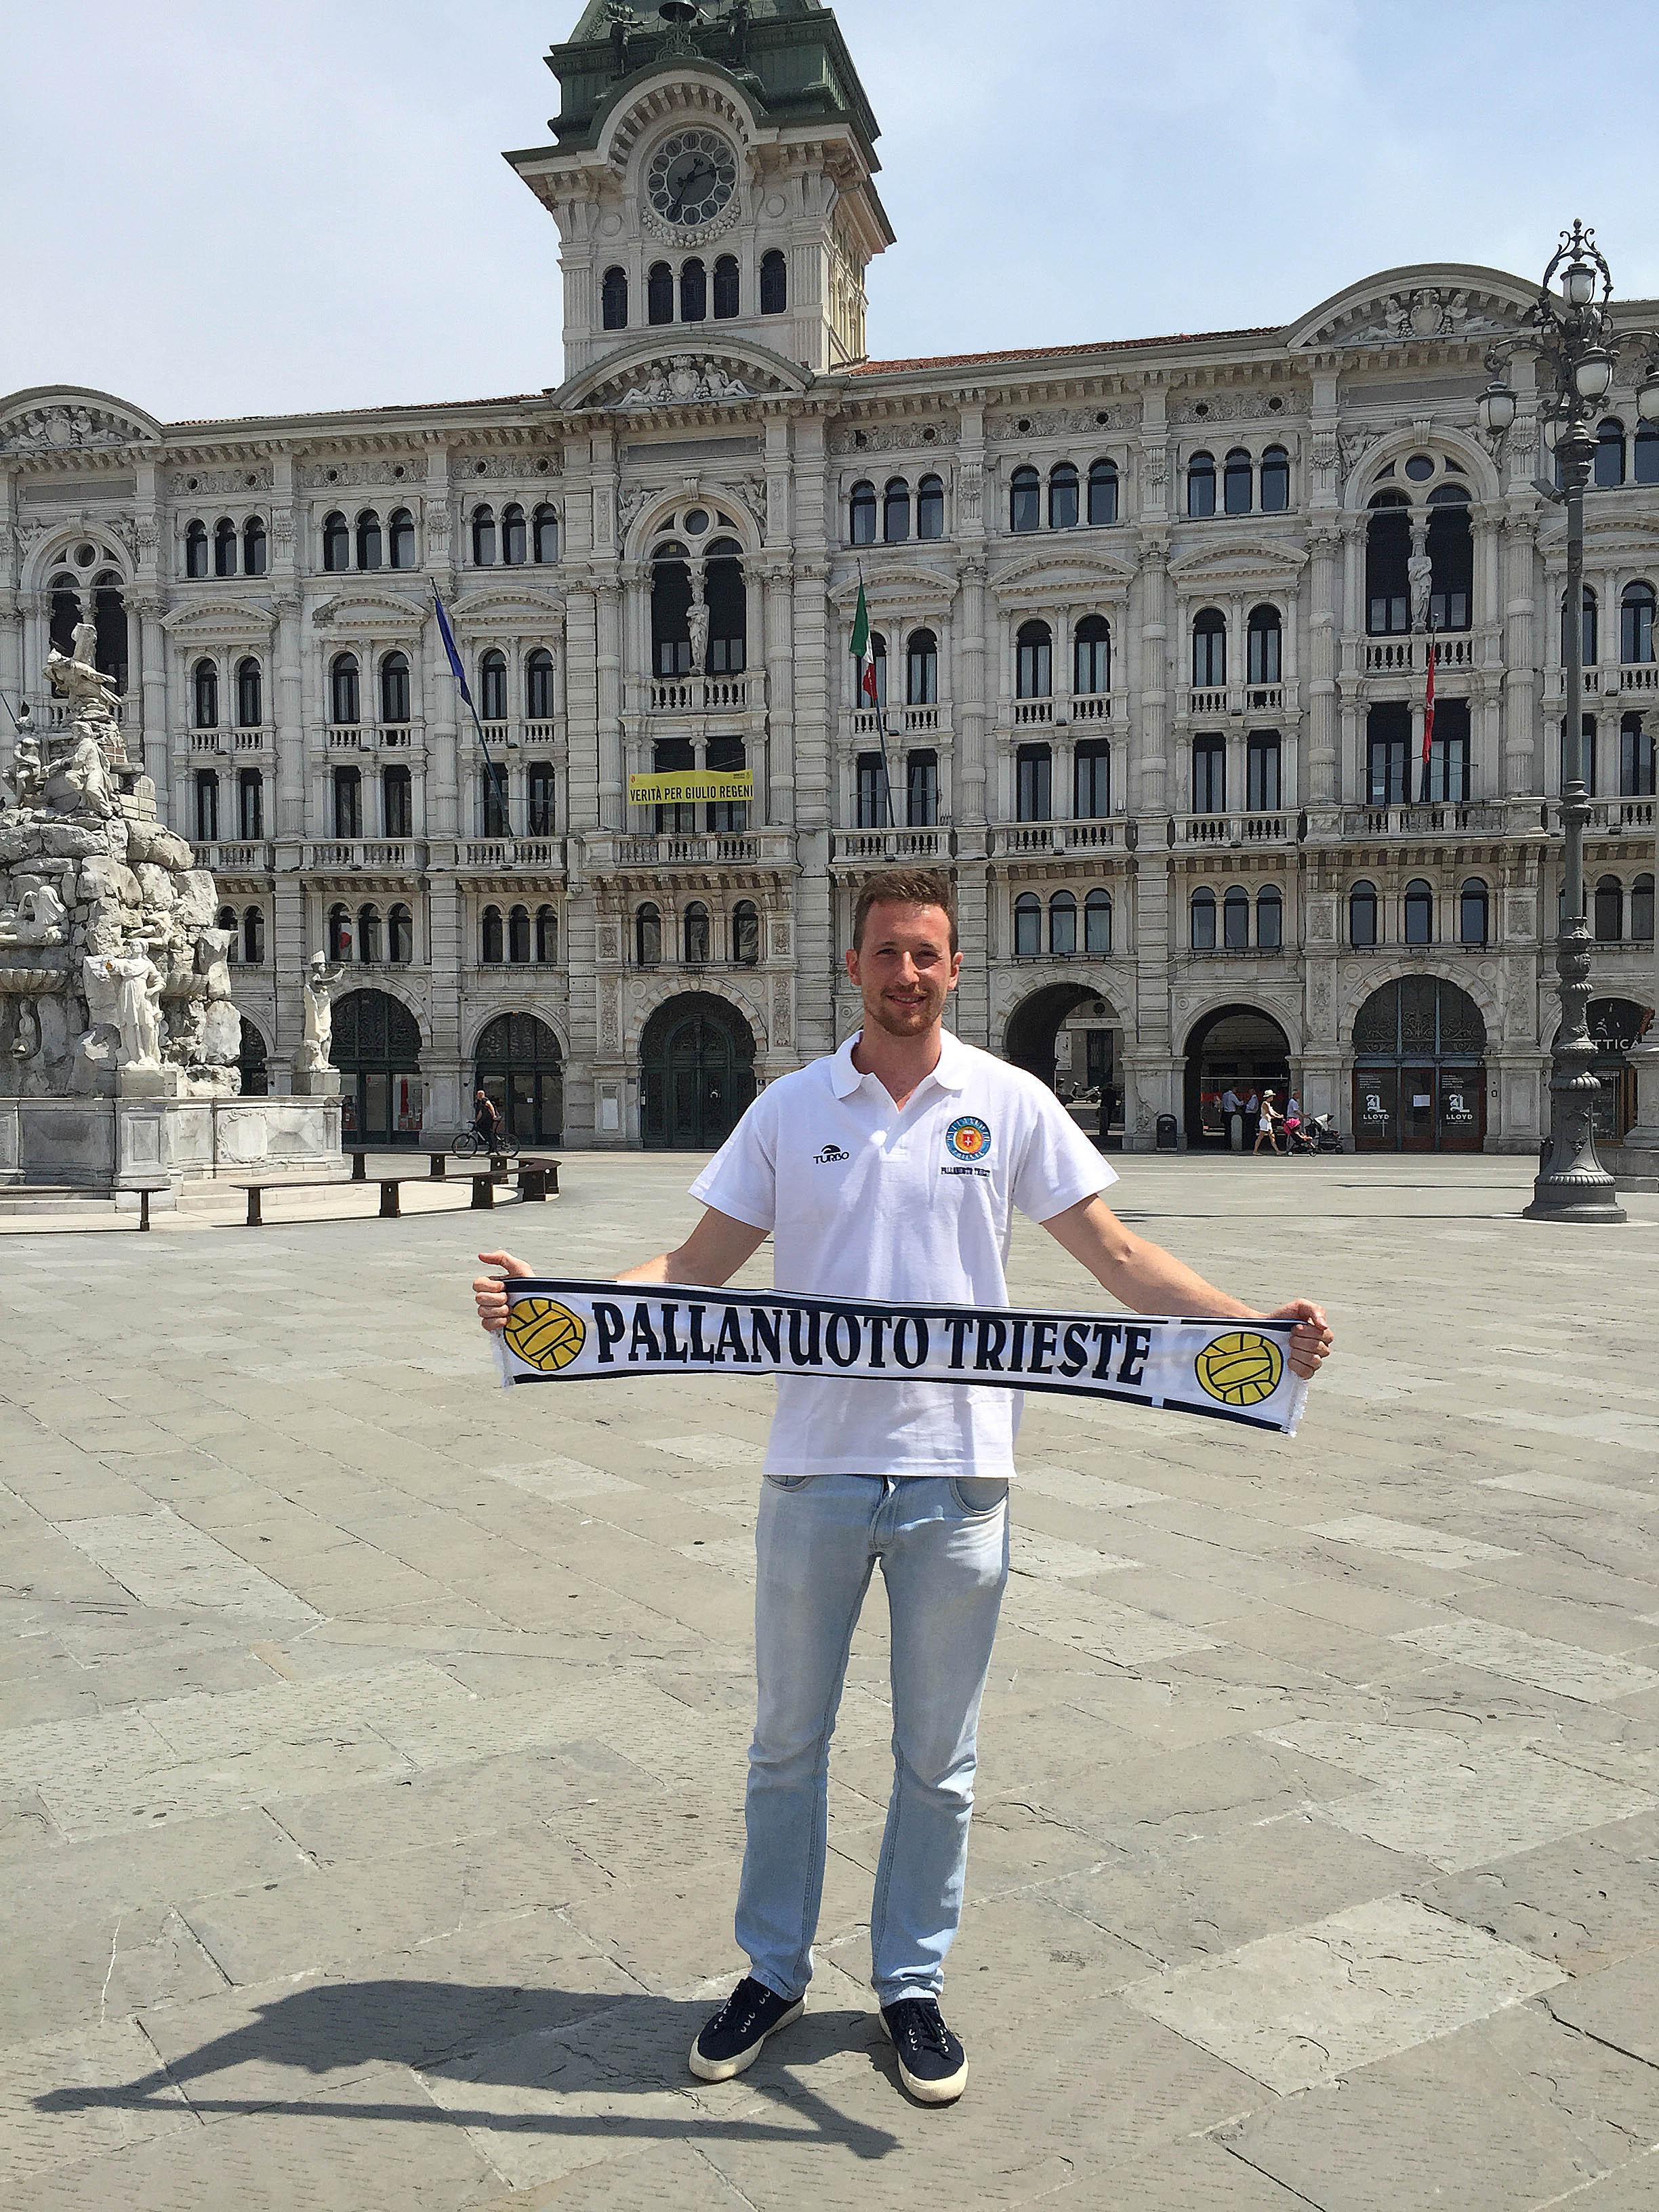 Cambio tra i pali. La Pallanuoto Trieste ingaggia l'estremo difensore Paolo Oliva. Nelle ultime due stagioni ha giocato a Como e Sport Management, con l'esperienza in Champions League